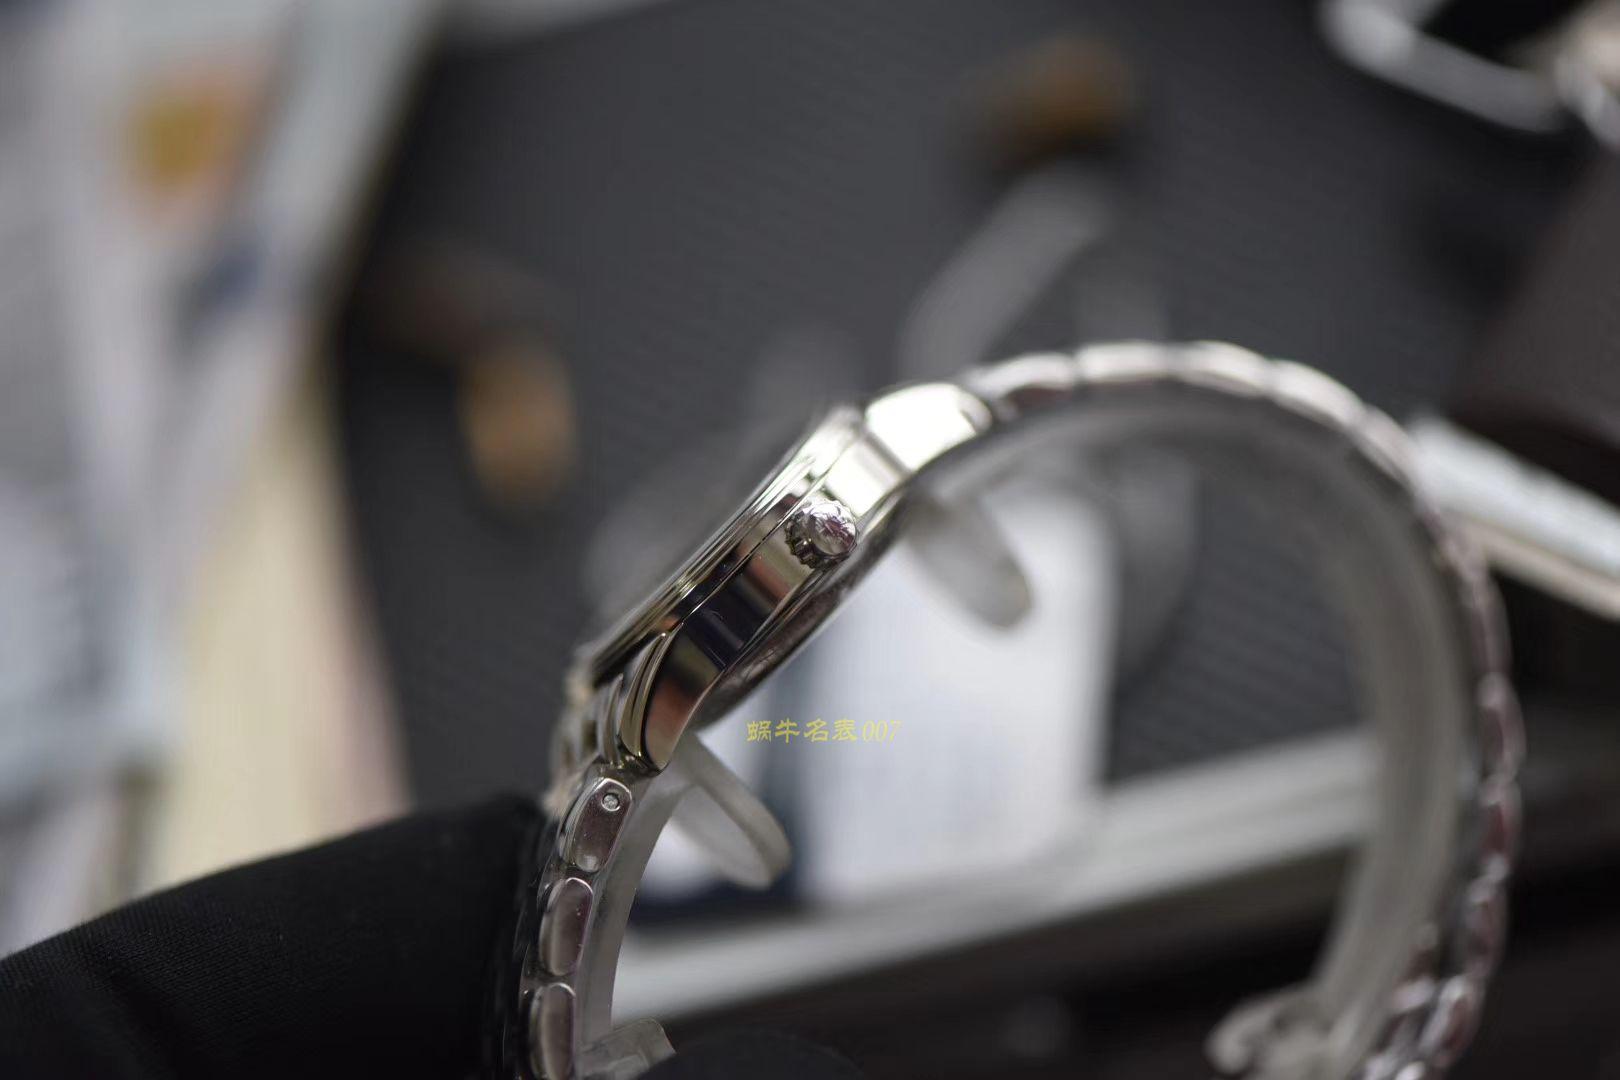 视频评测台湾厂一比一超A高仿浪琴制表传统系列L4.309.4.87.6腕表女装